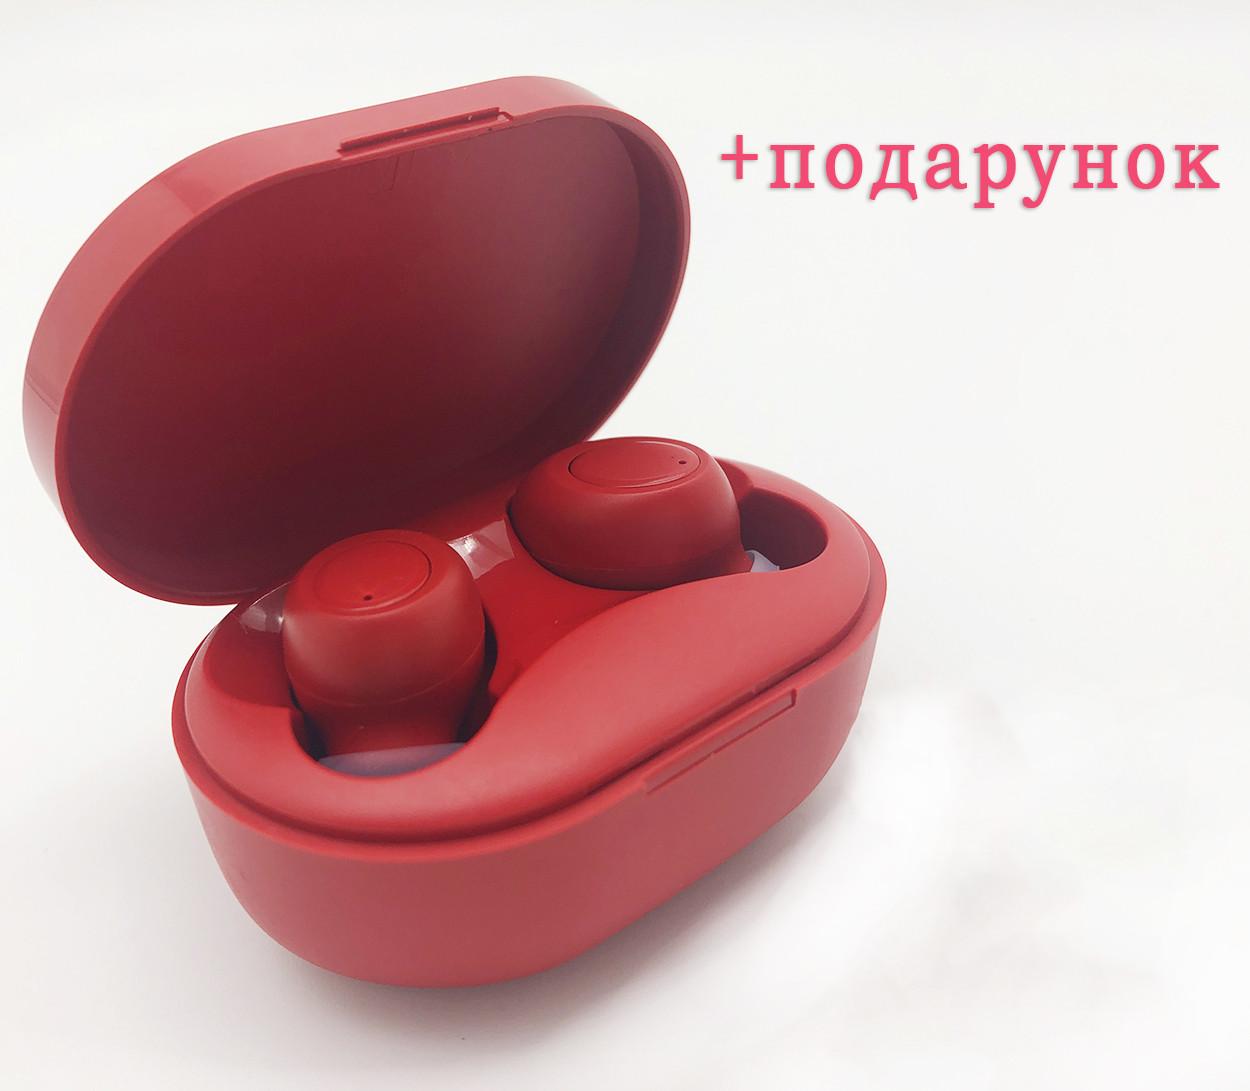 Беспроводные наушники блютуз гарнитура наушники Bluetooth 5.0 Wi-pods M8 RED с зарядным чехлом-кейсом